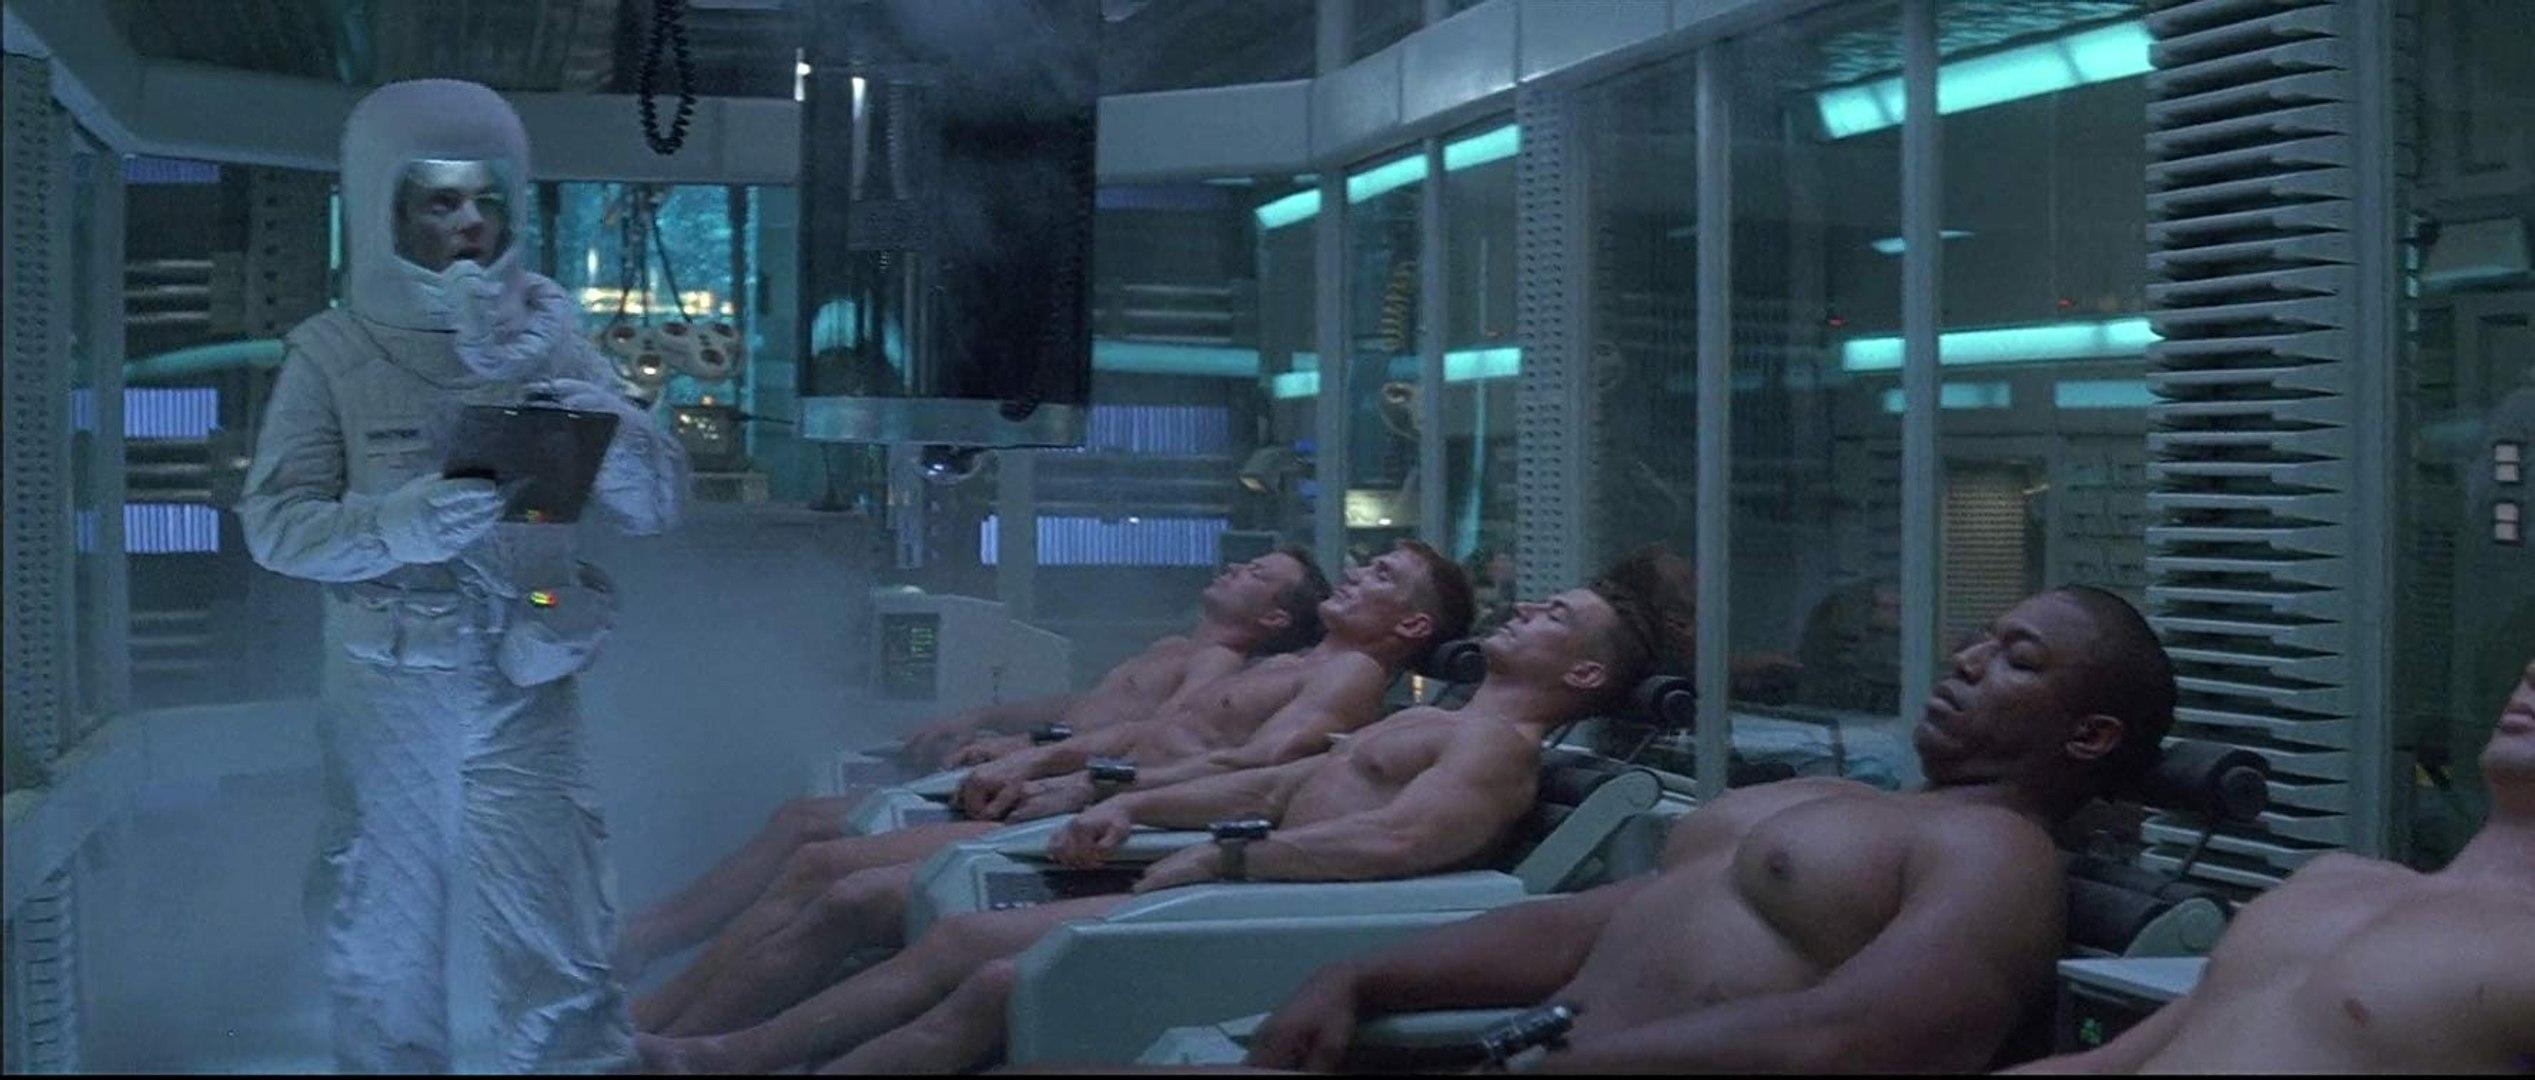 UNIVERSAL SOLDIER Movie (1992) - Jean-Claude Van Damme, Dolph Lundgren, Ally Walker